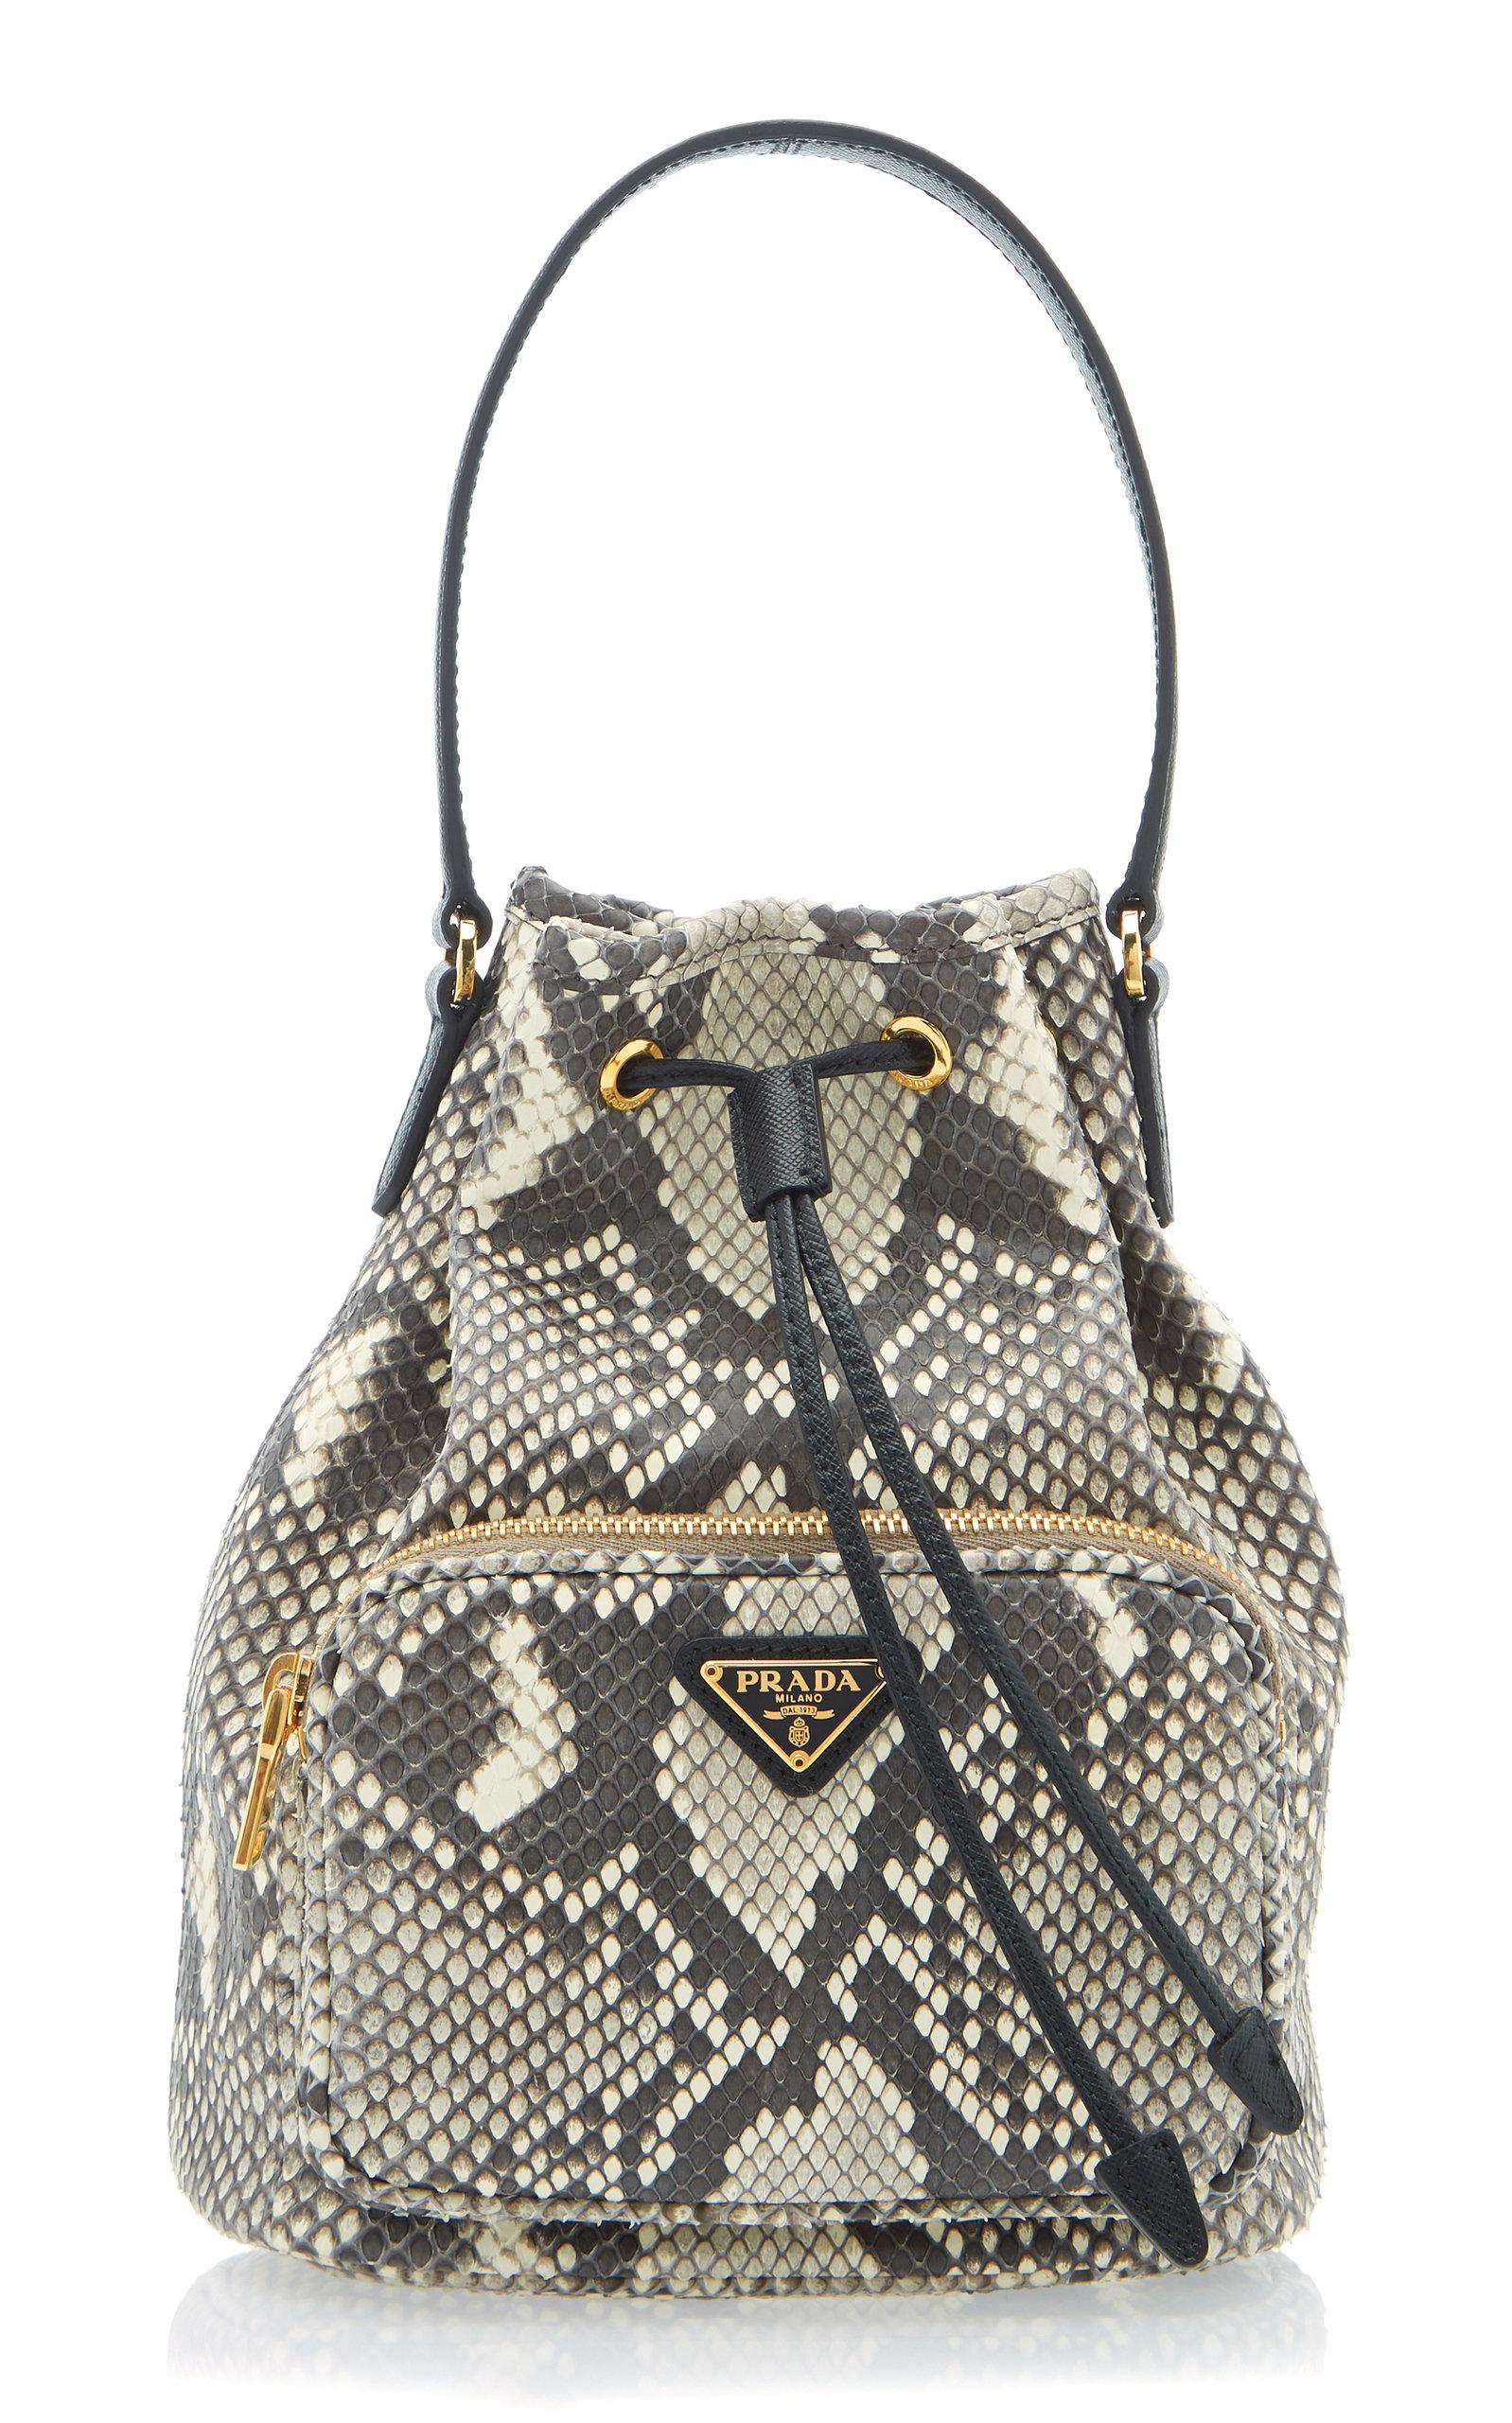 80b3fa5899 Python Print Leather Bucket Bag